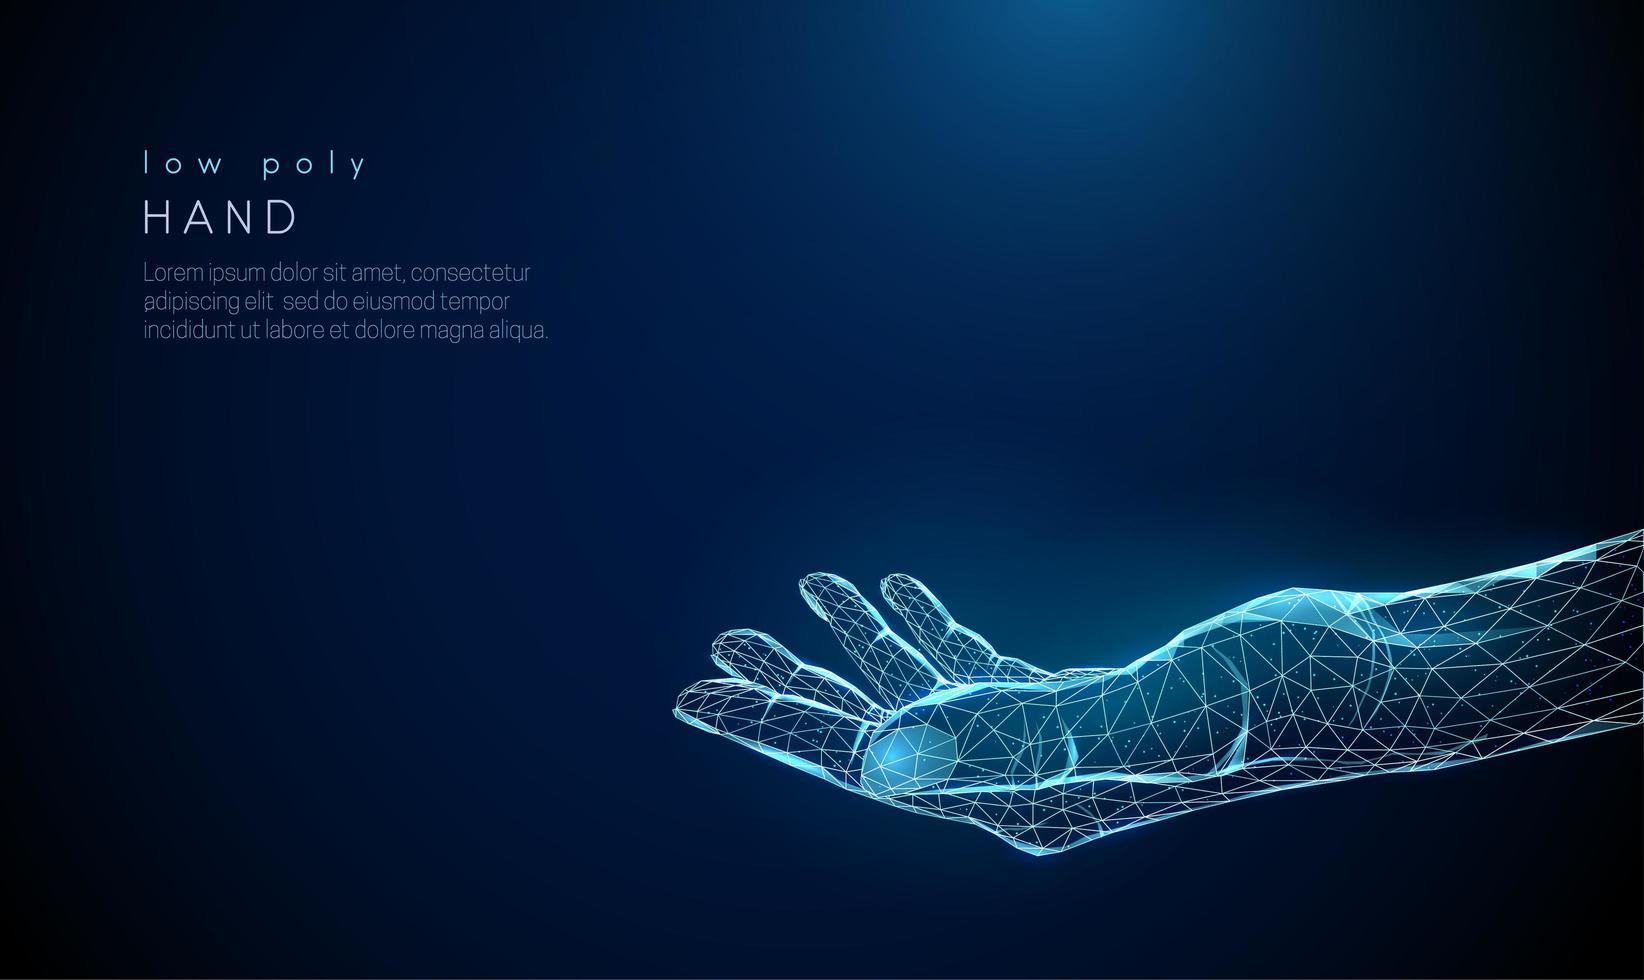 abstract hand geven. laag poly-stijl ontwerp. vector